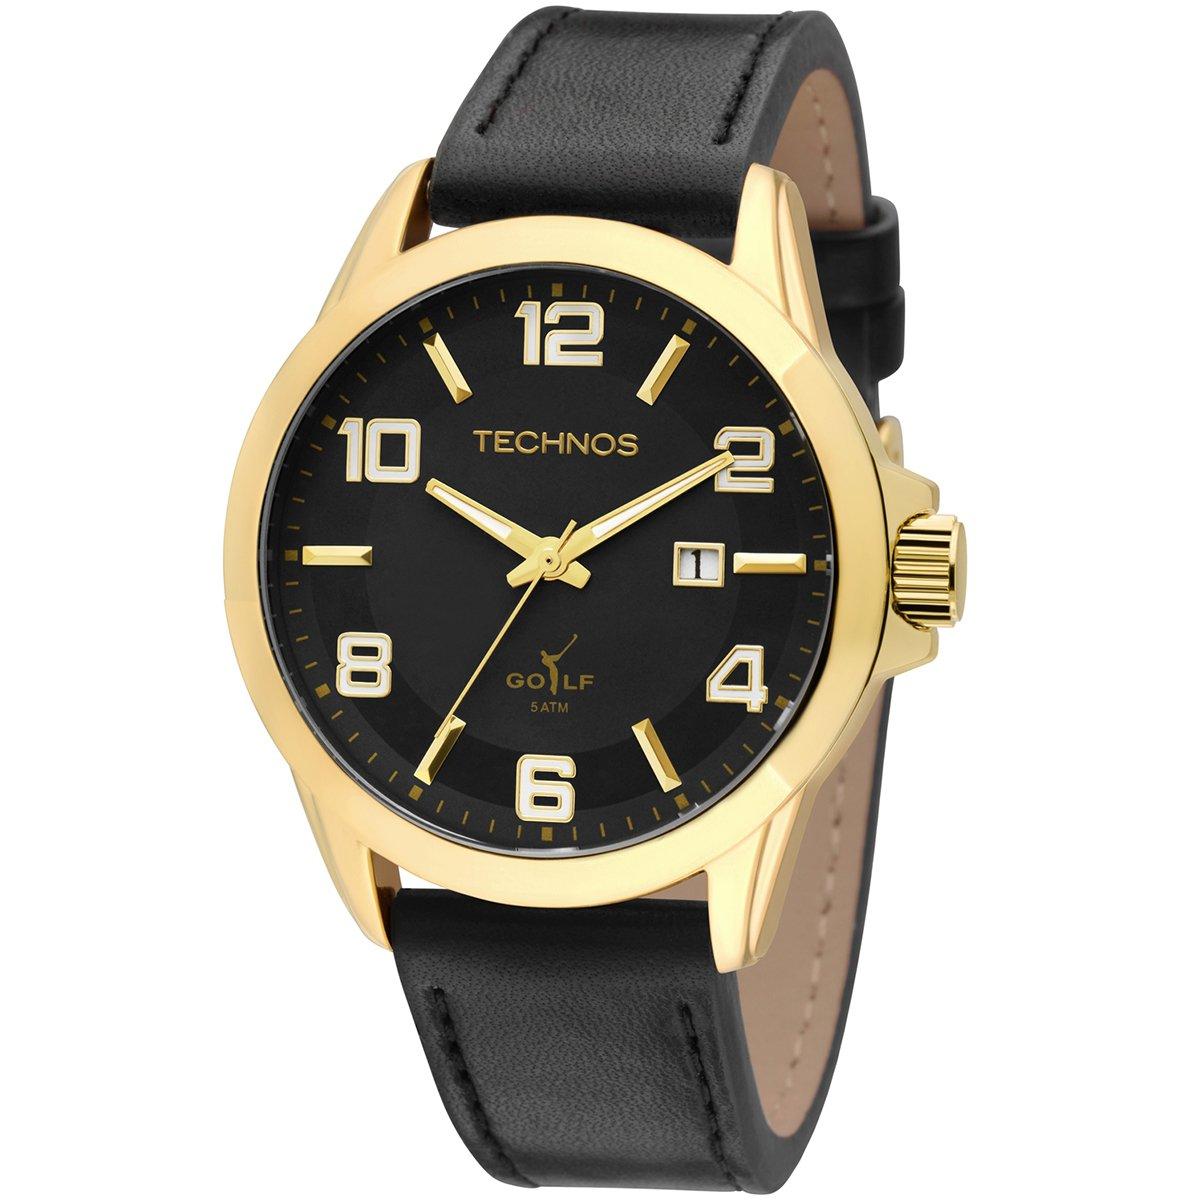 31af1213c1c Relógio Technos Classic Golf - Compre Agora